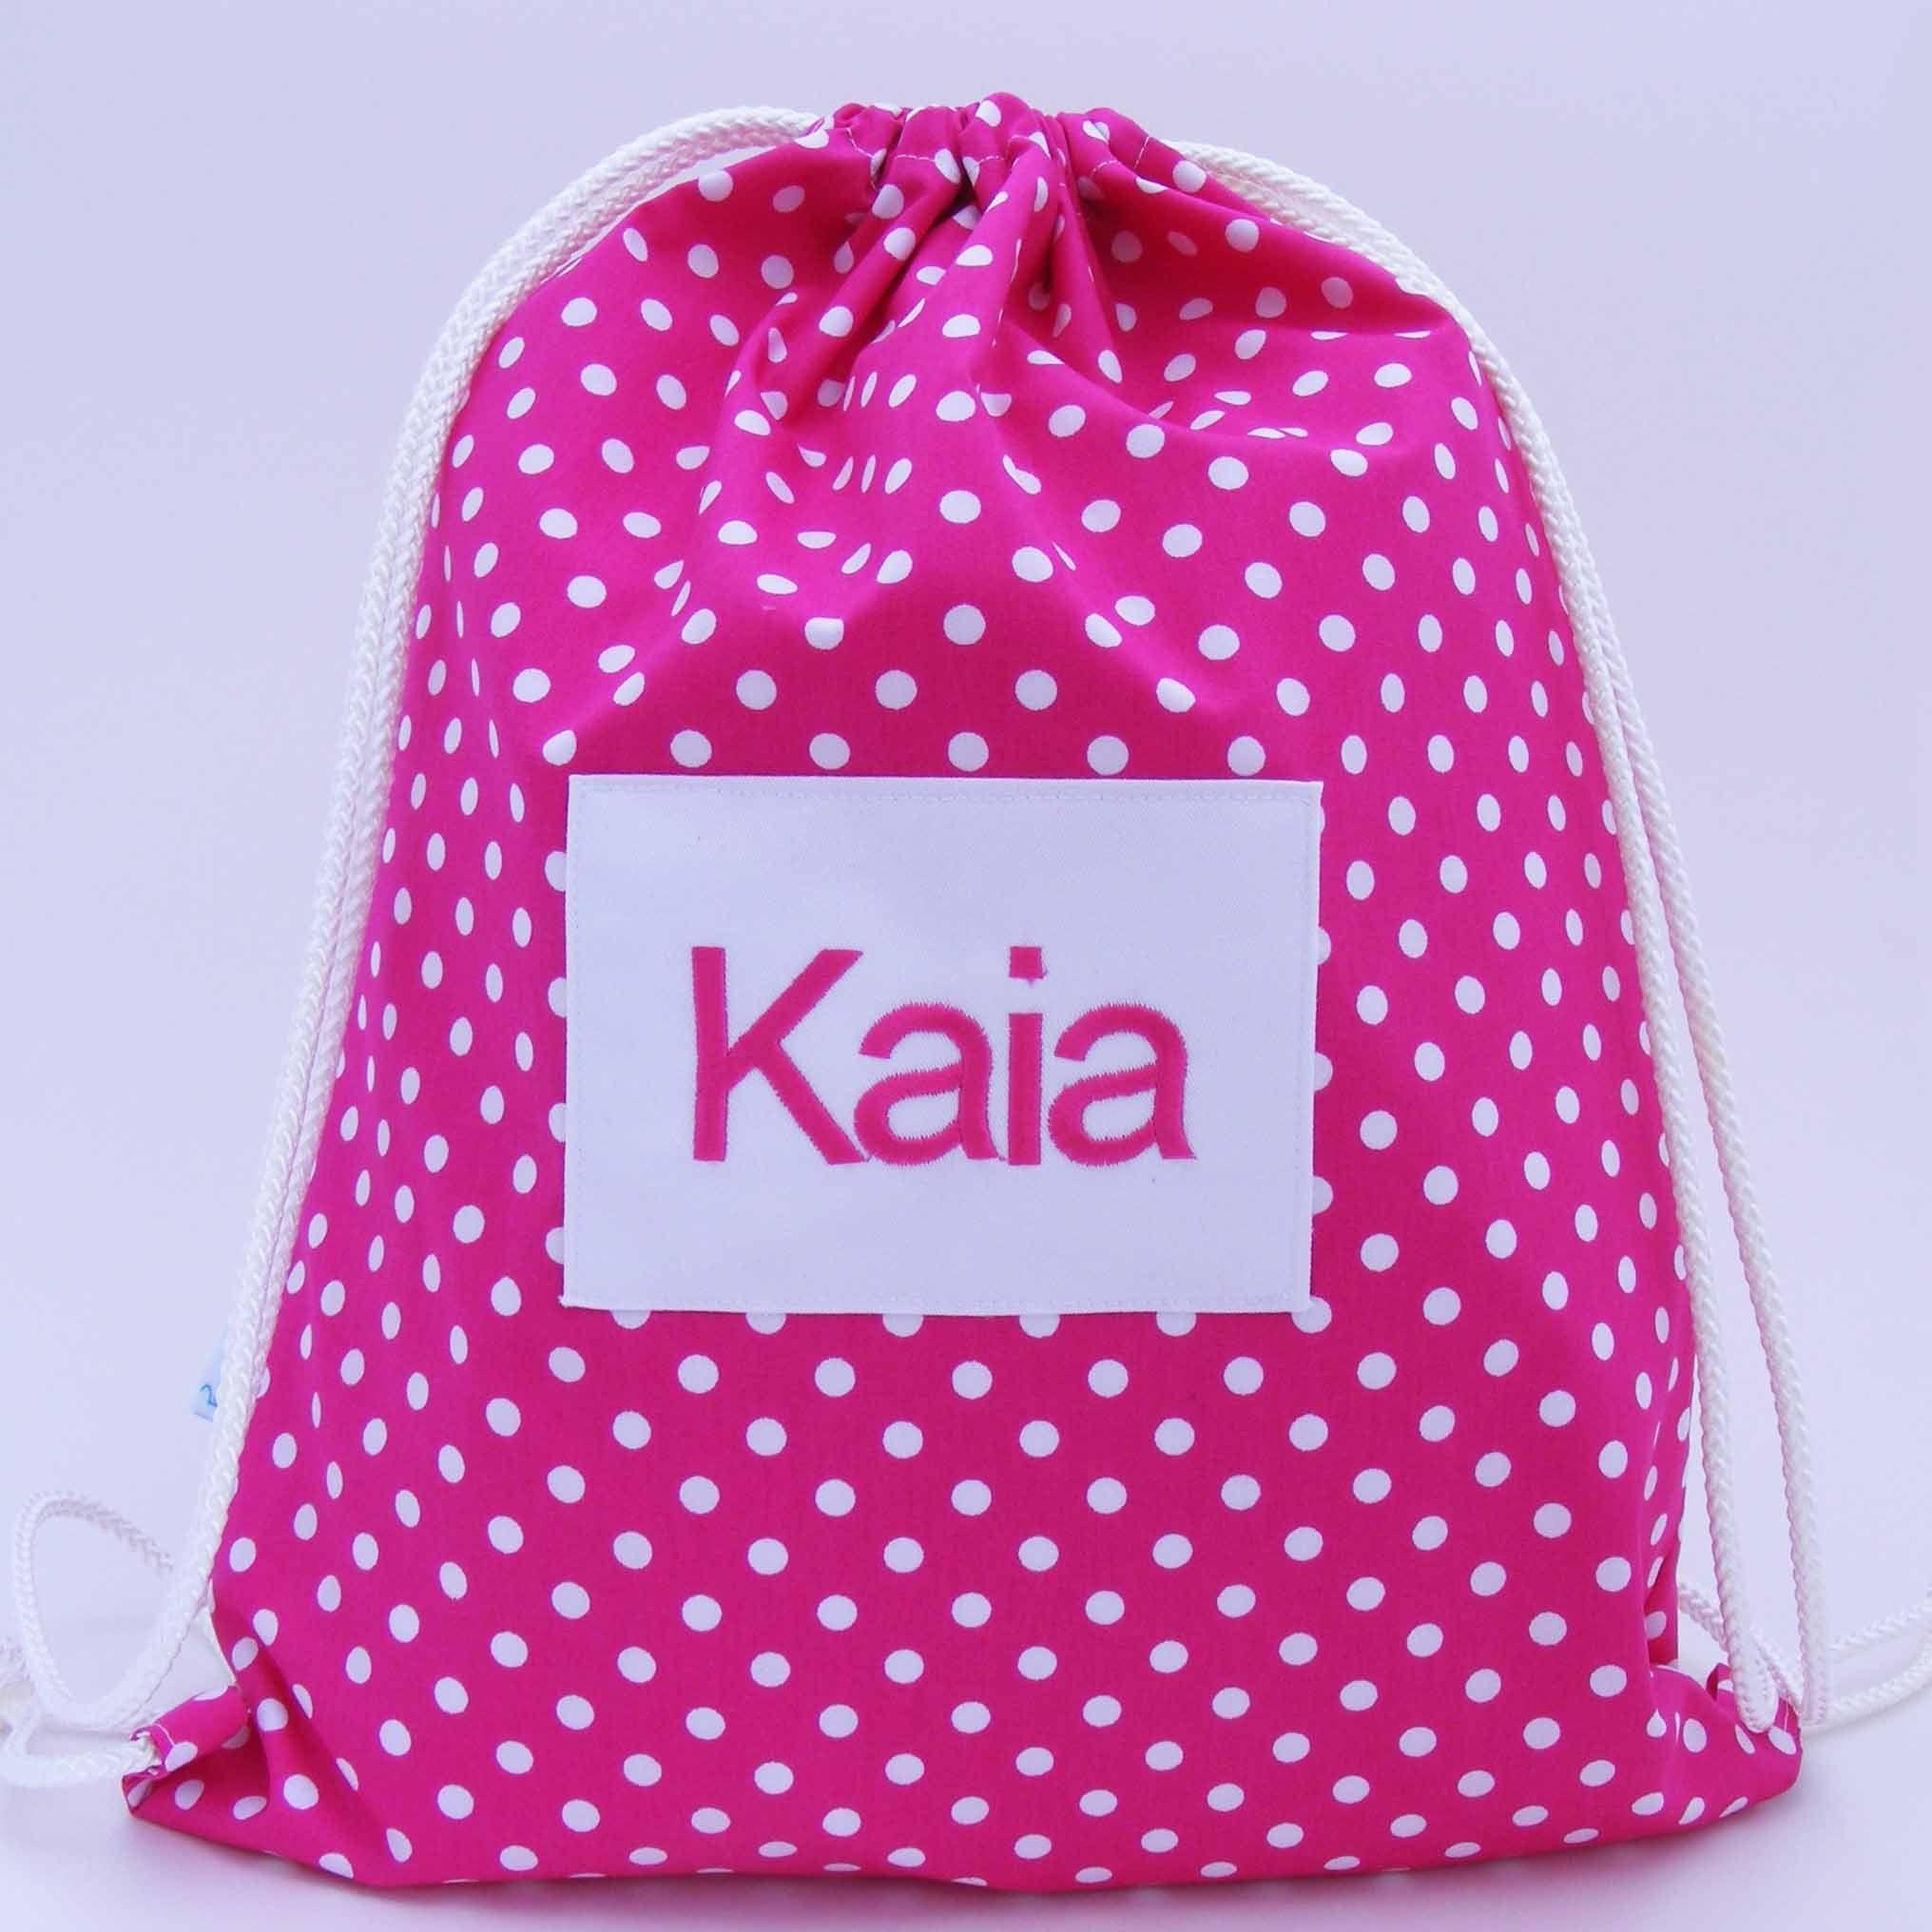 Kids Personalised Applique Name Rucksack Red School Nursery Swimming Gym Bag